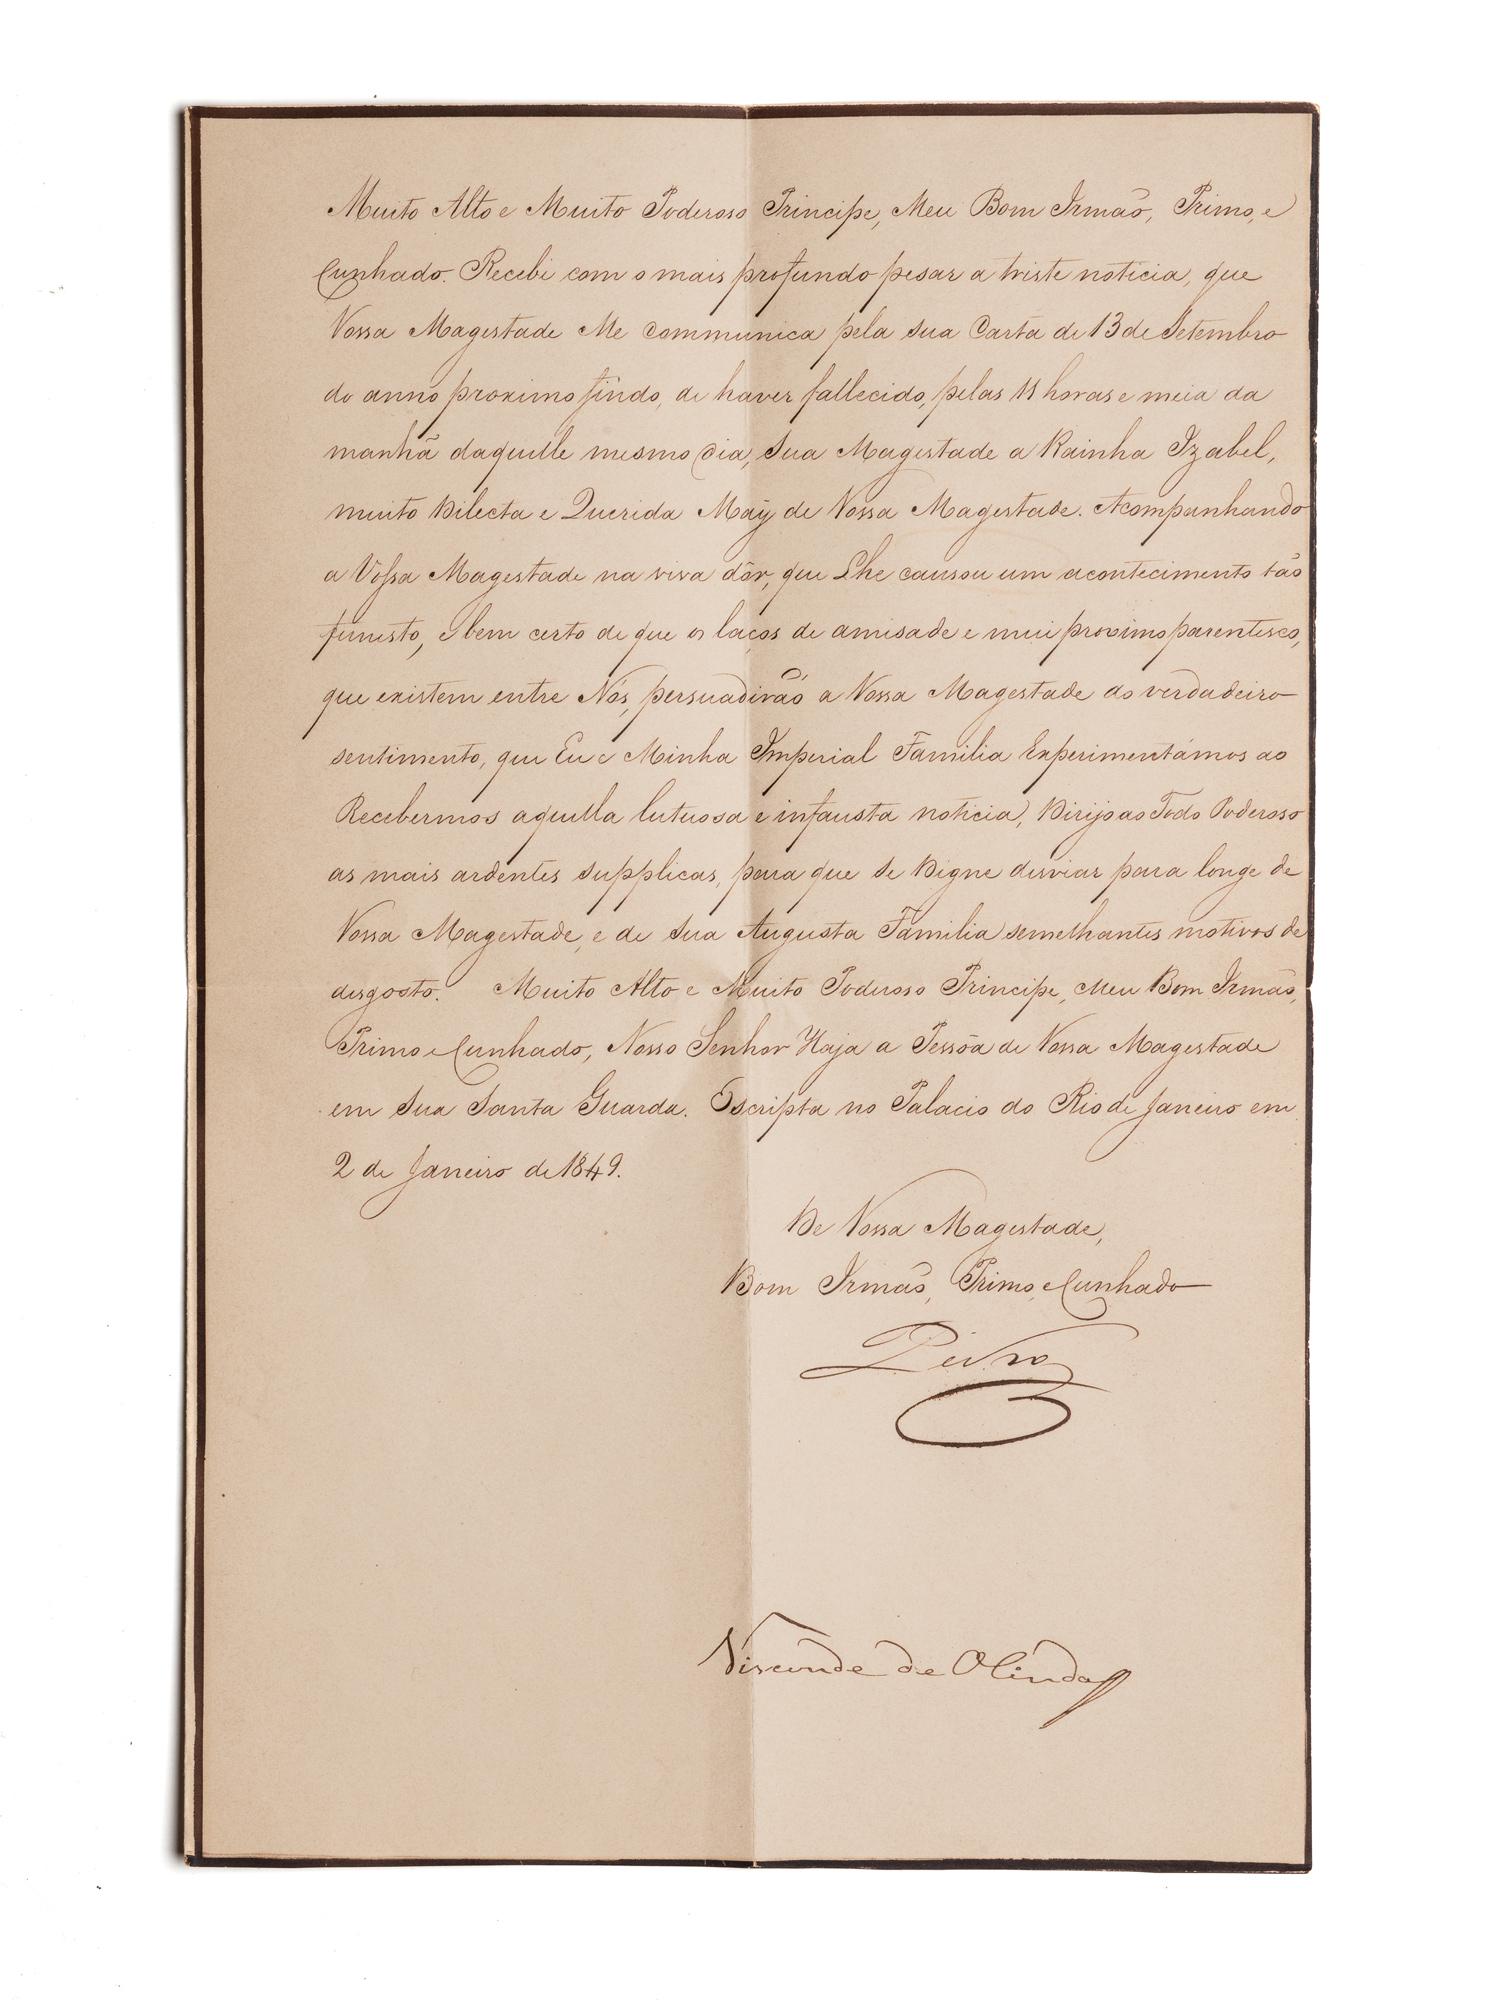 Lettera sottoscritta